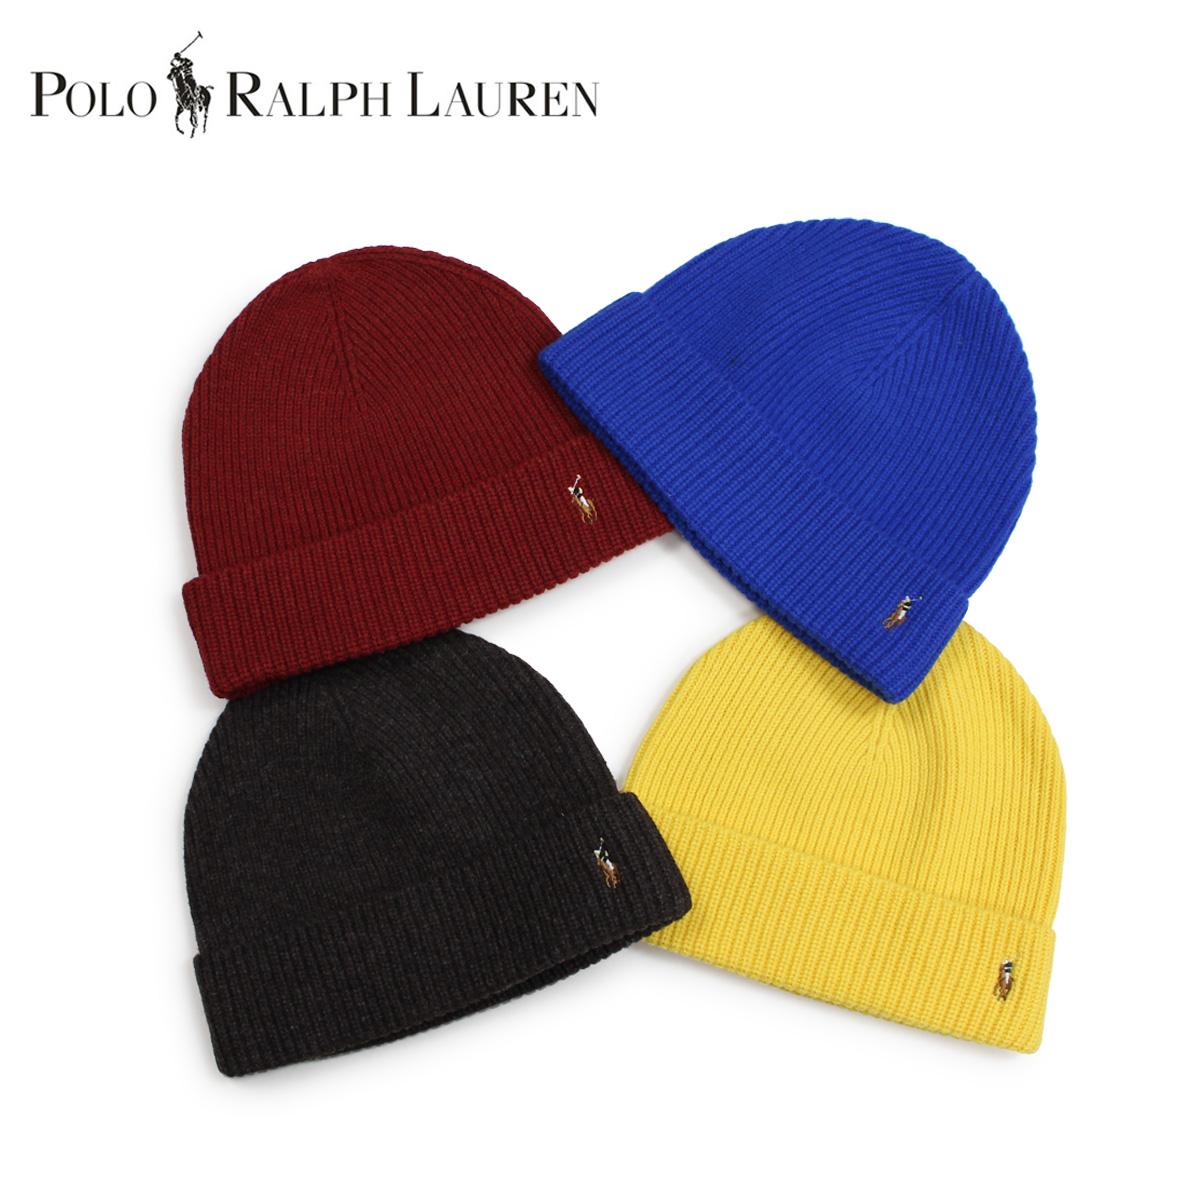 ポロ ラルフローレン POLO RALPH LAUREN ニット帽 ニットキャップ ビーニー メンズ レディース メリノウール SIGNATURE MERINO CUFF HAT